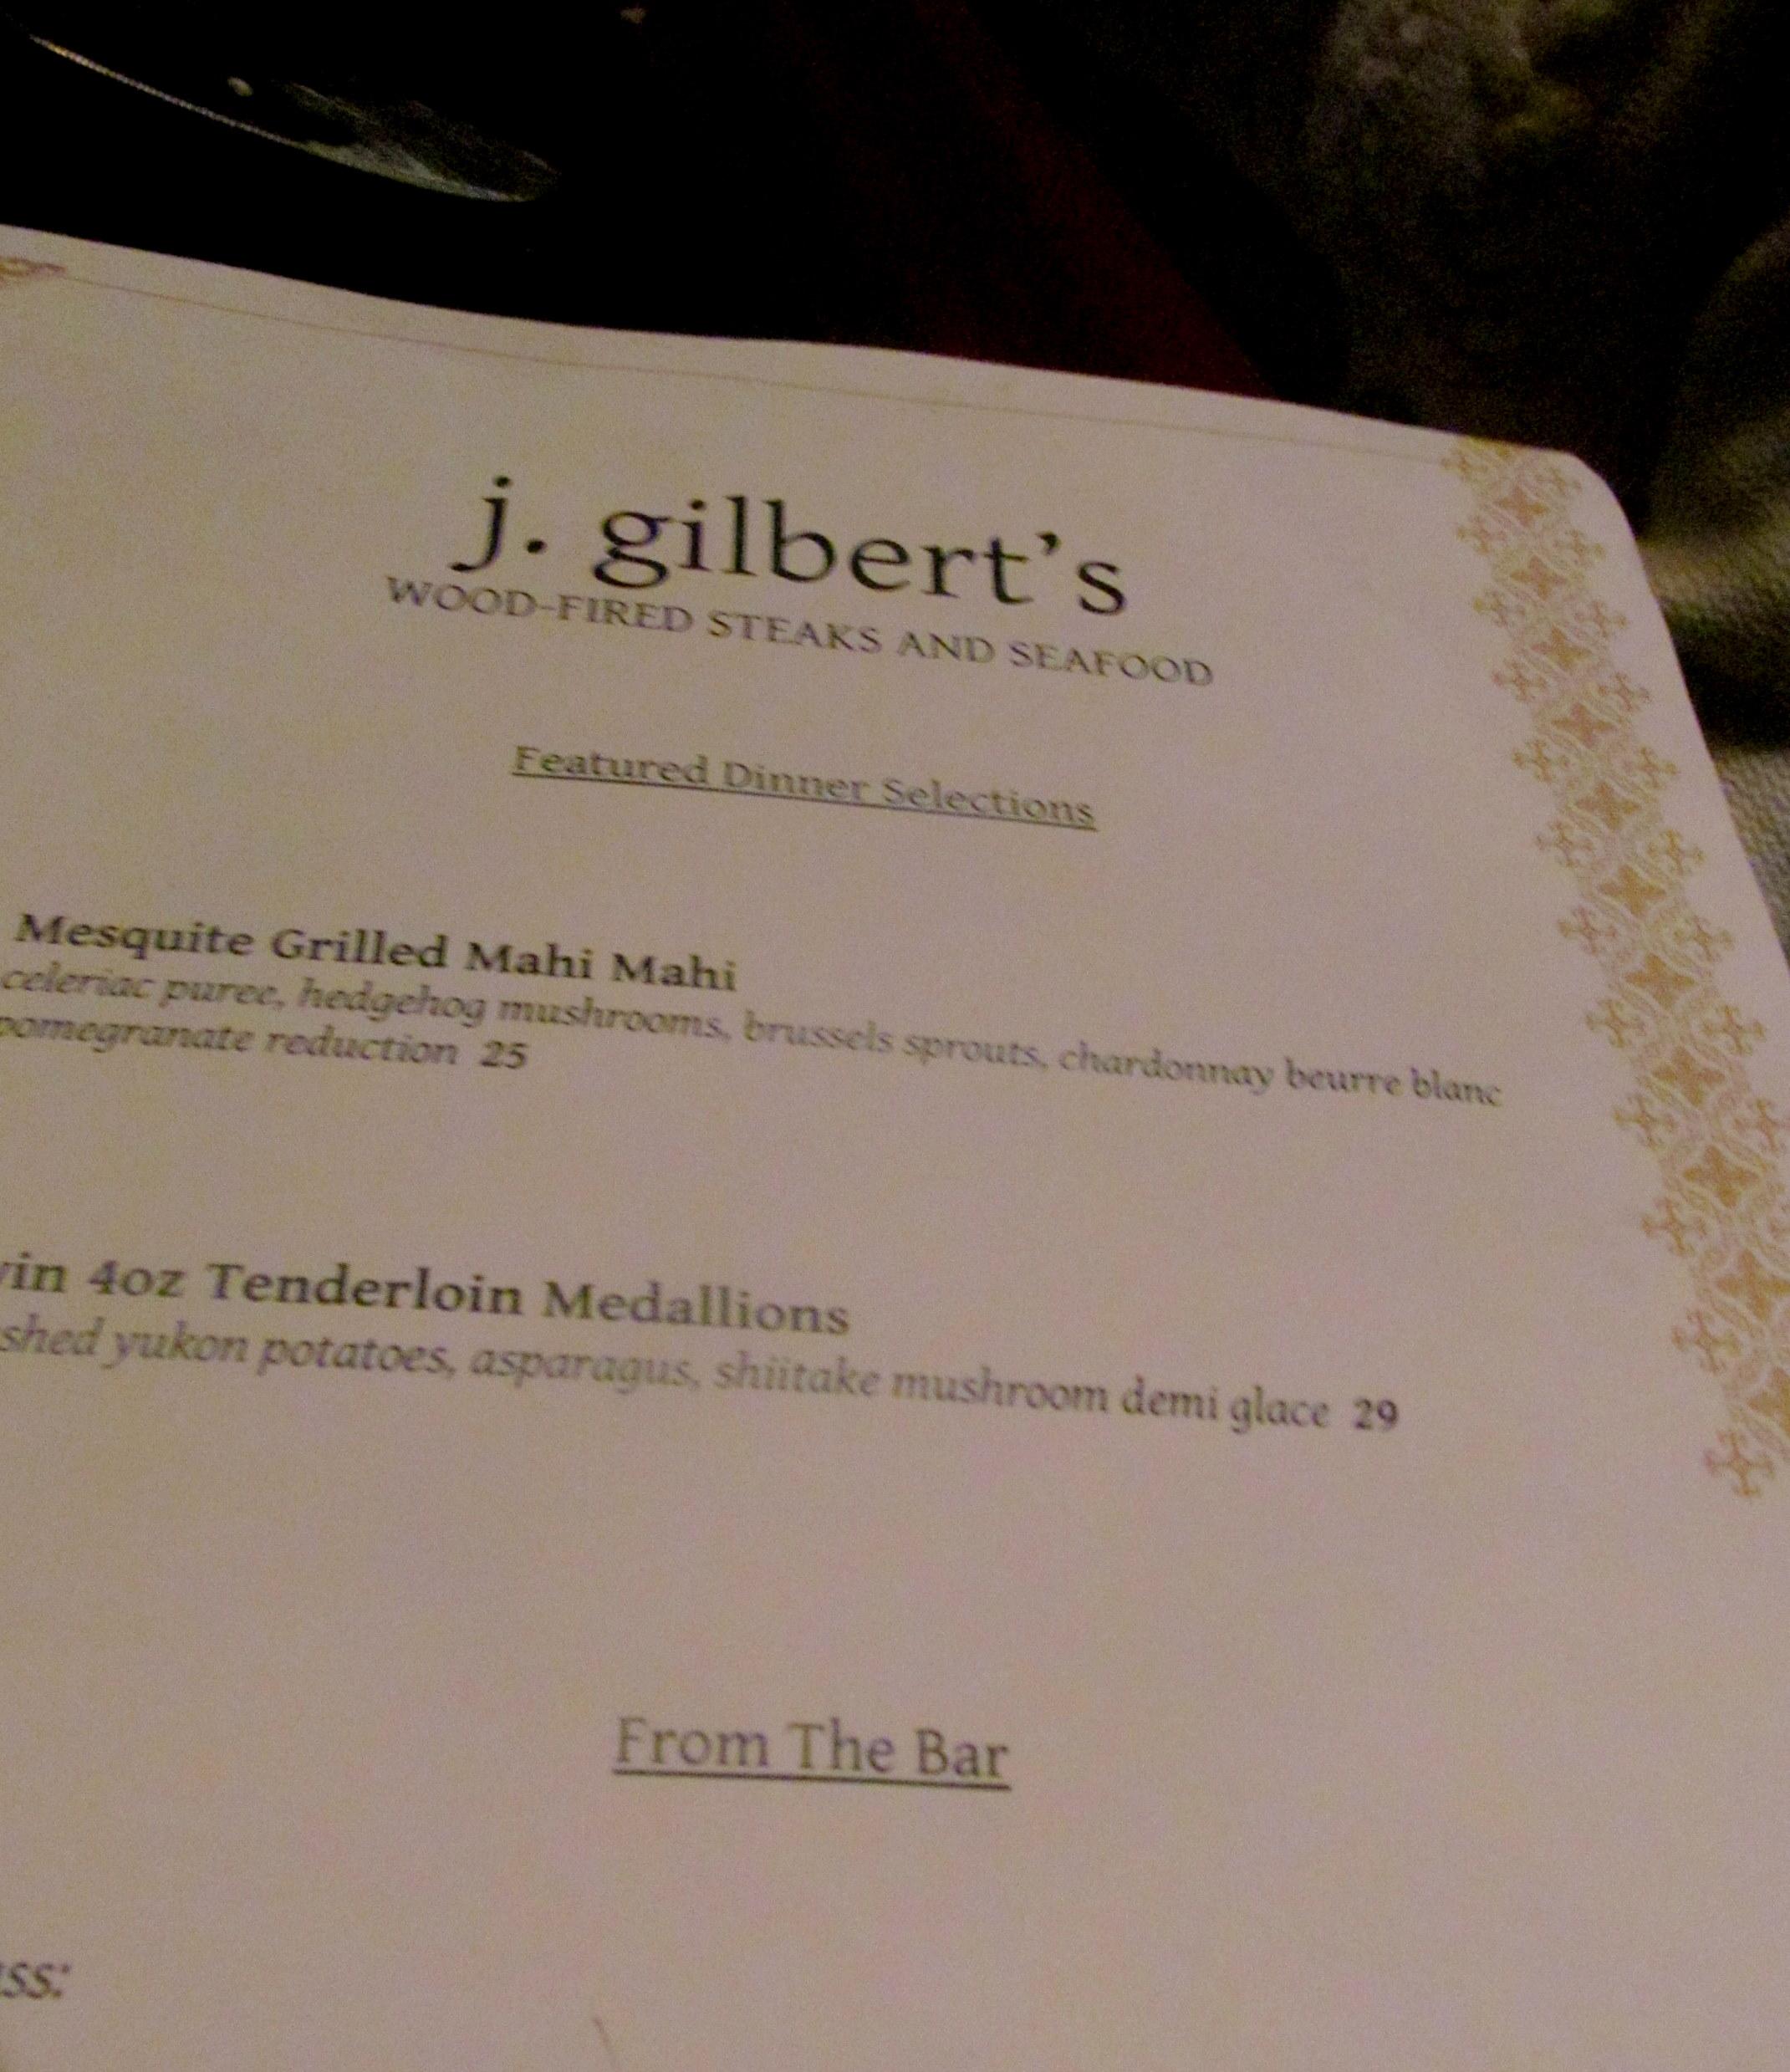 J gilbert's mclean coupons